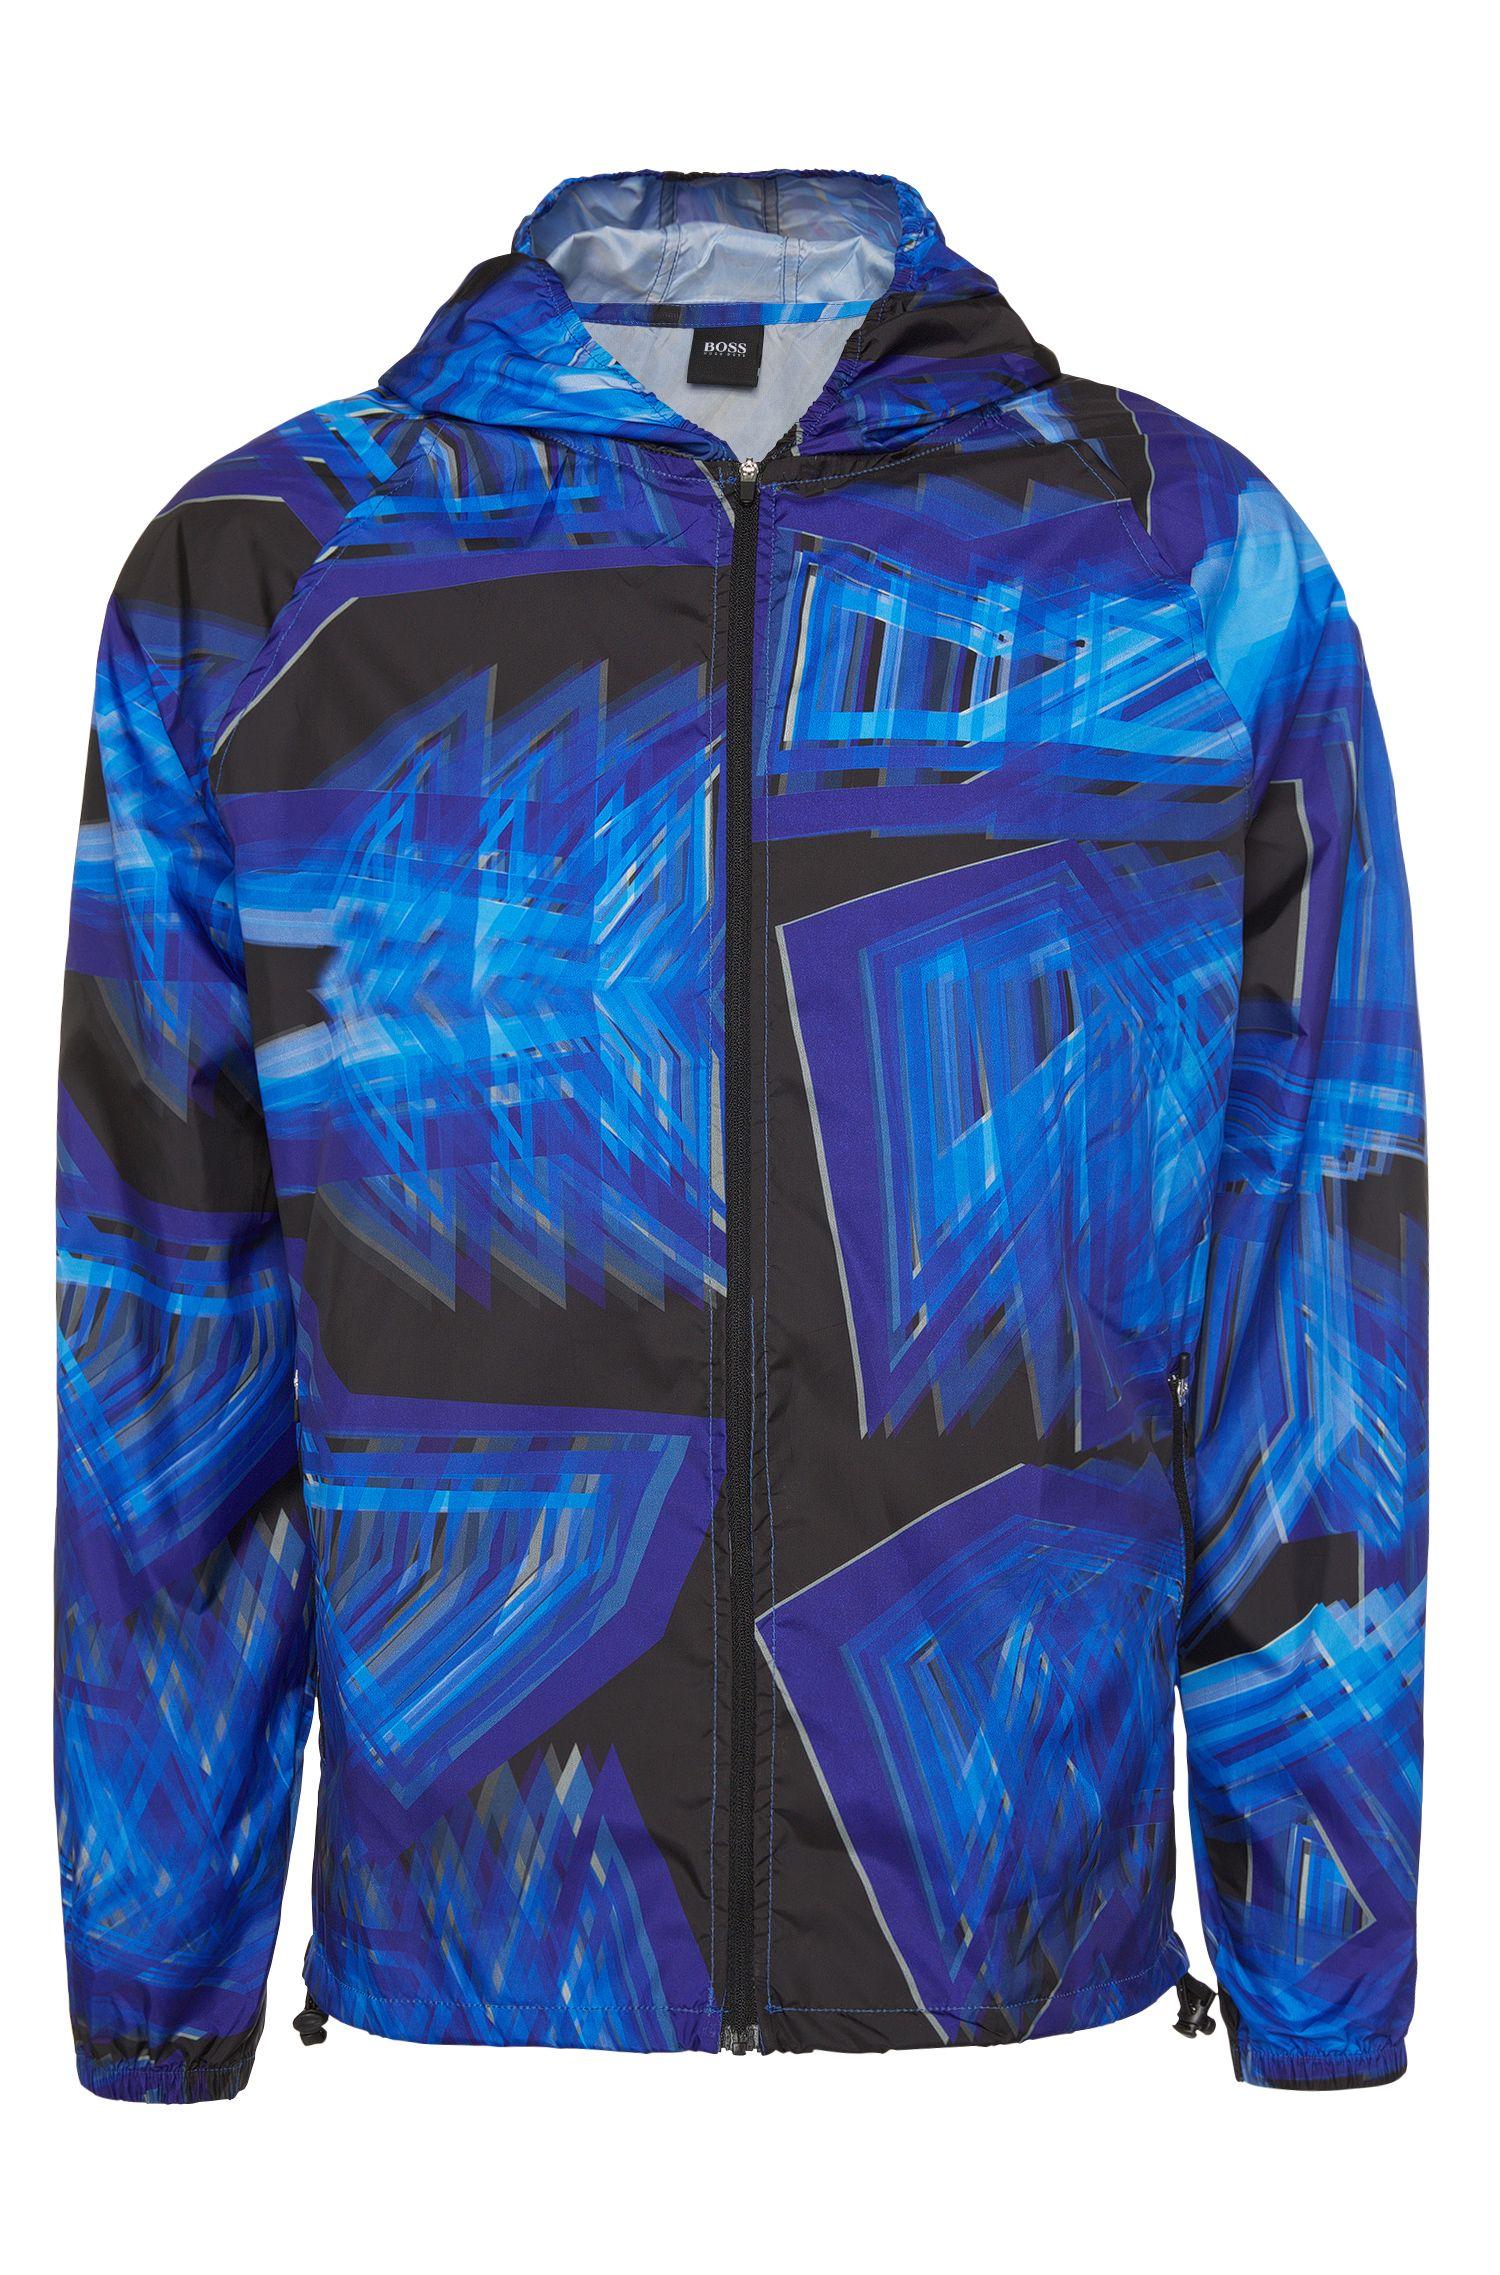 'Jacket Hooded' | Prism Pattern Windbreaker